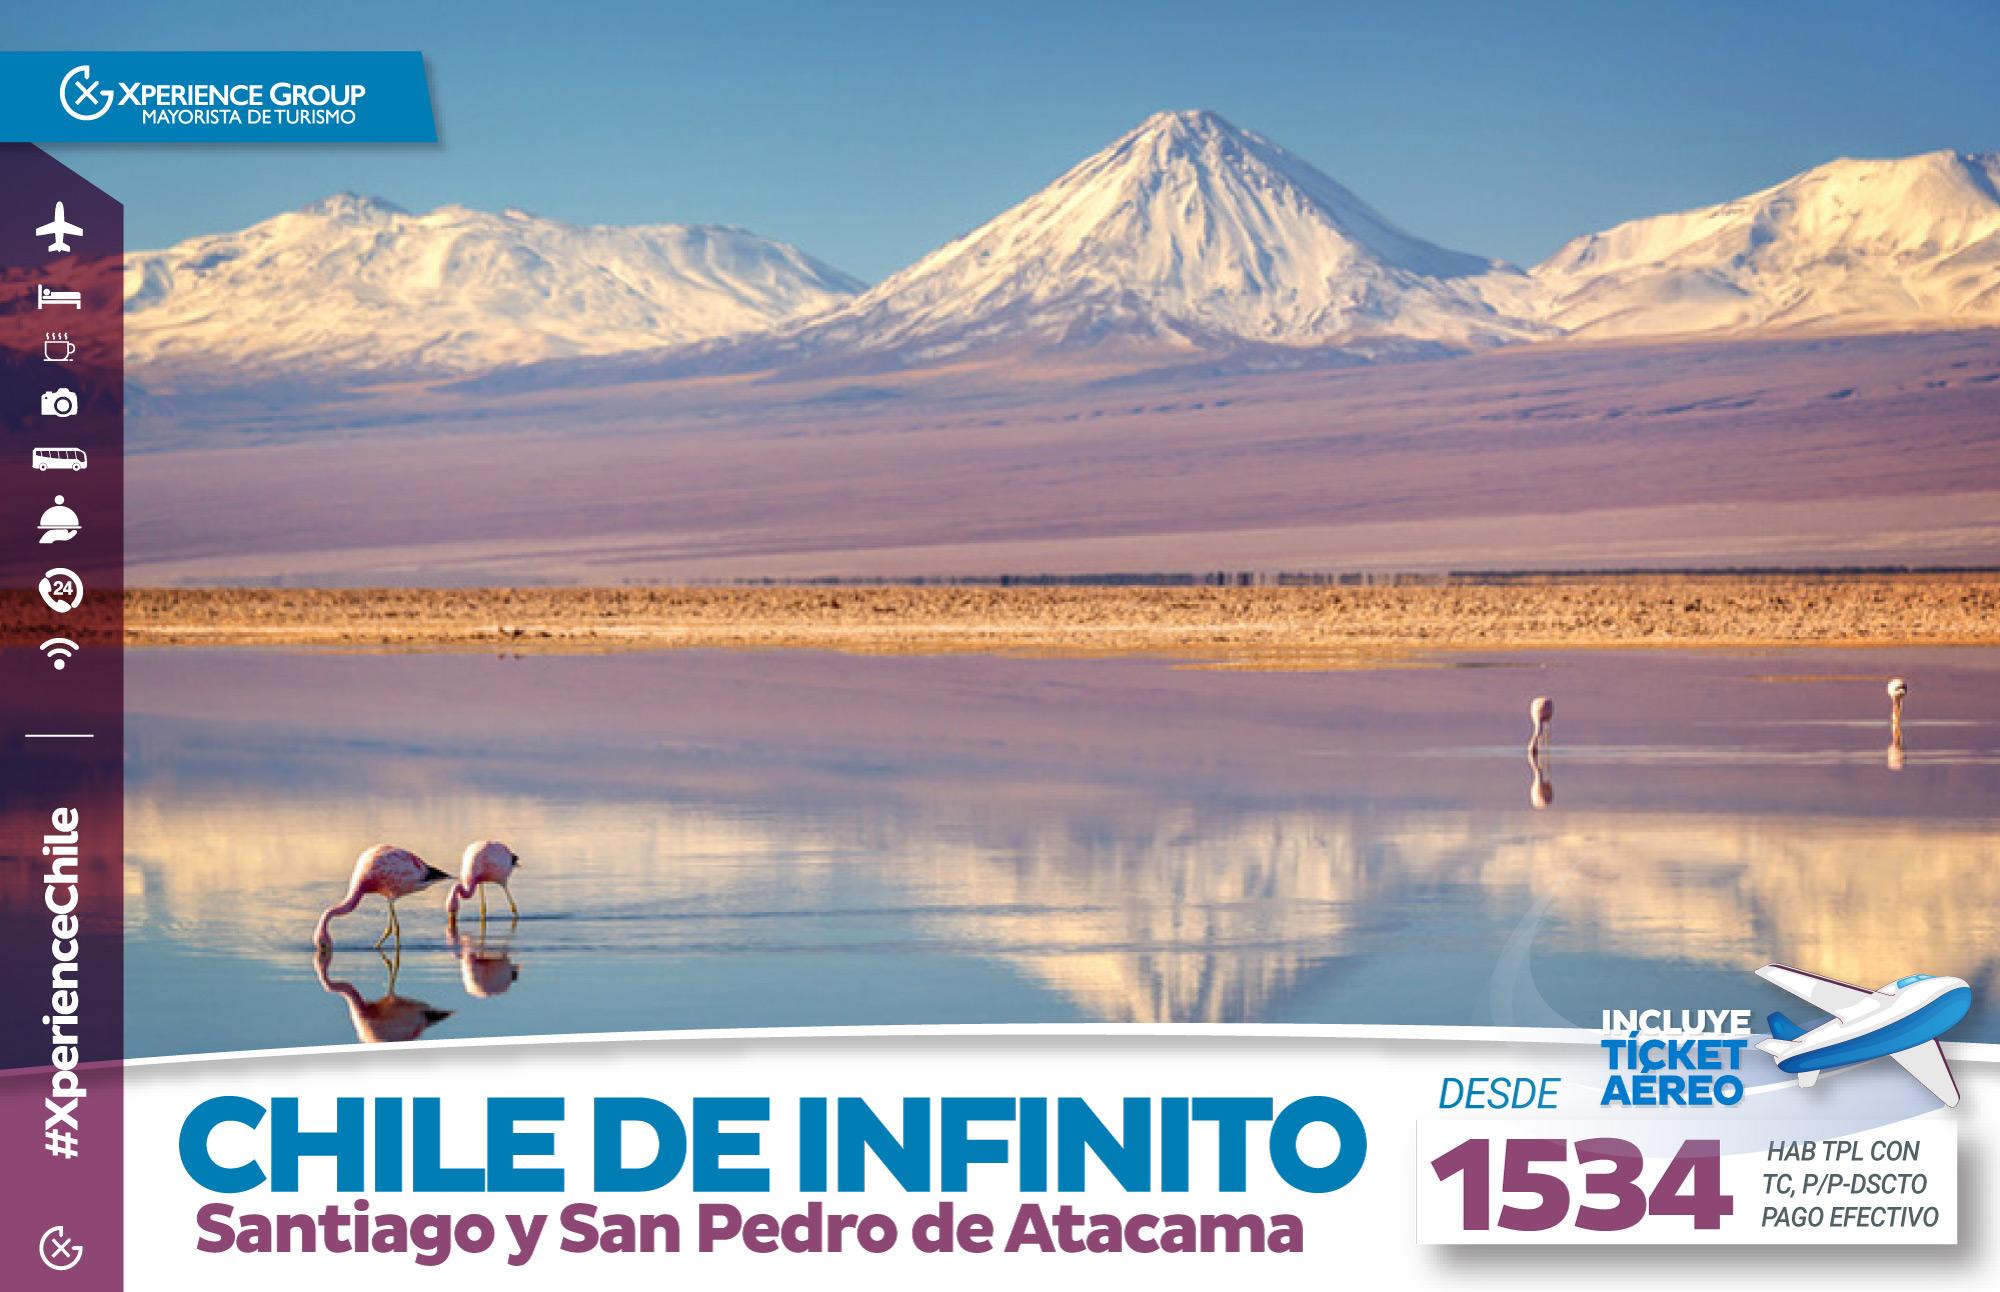 CHILE DE INFINITO